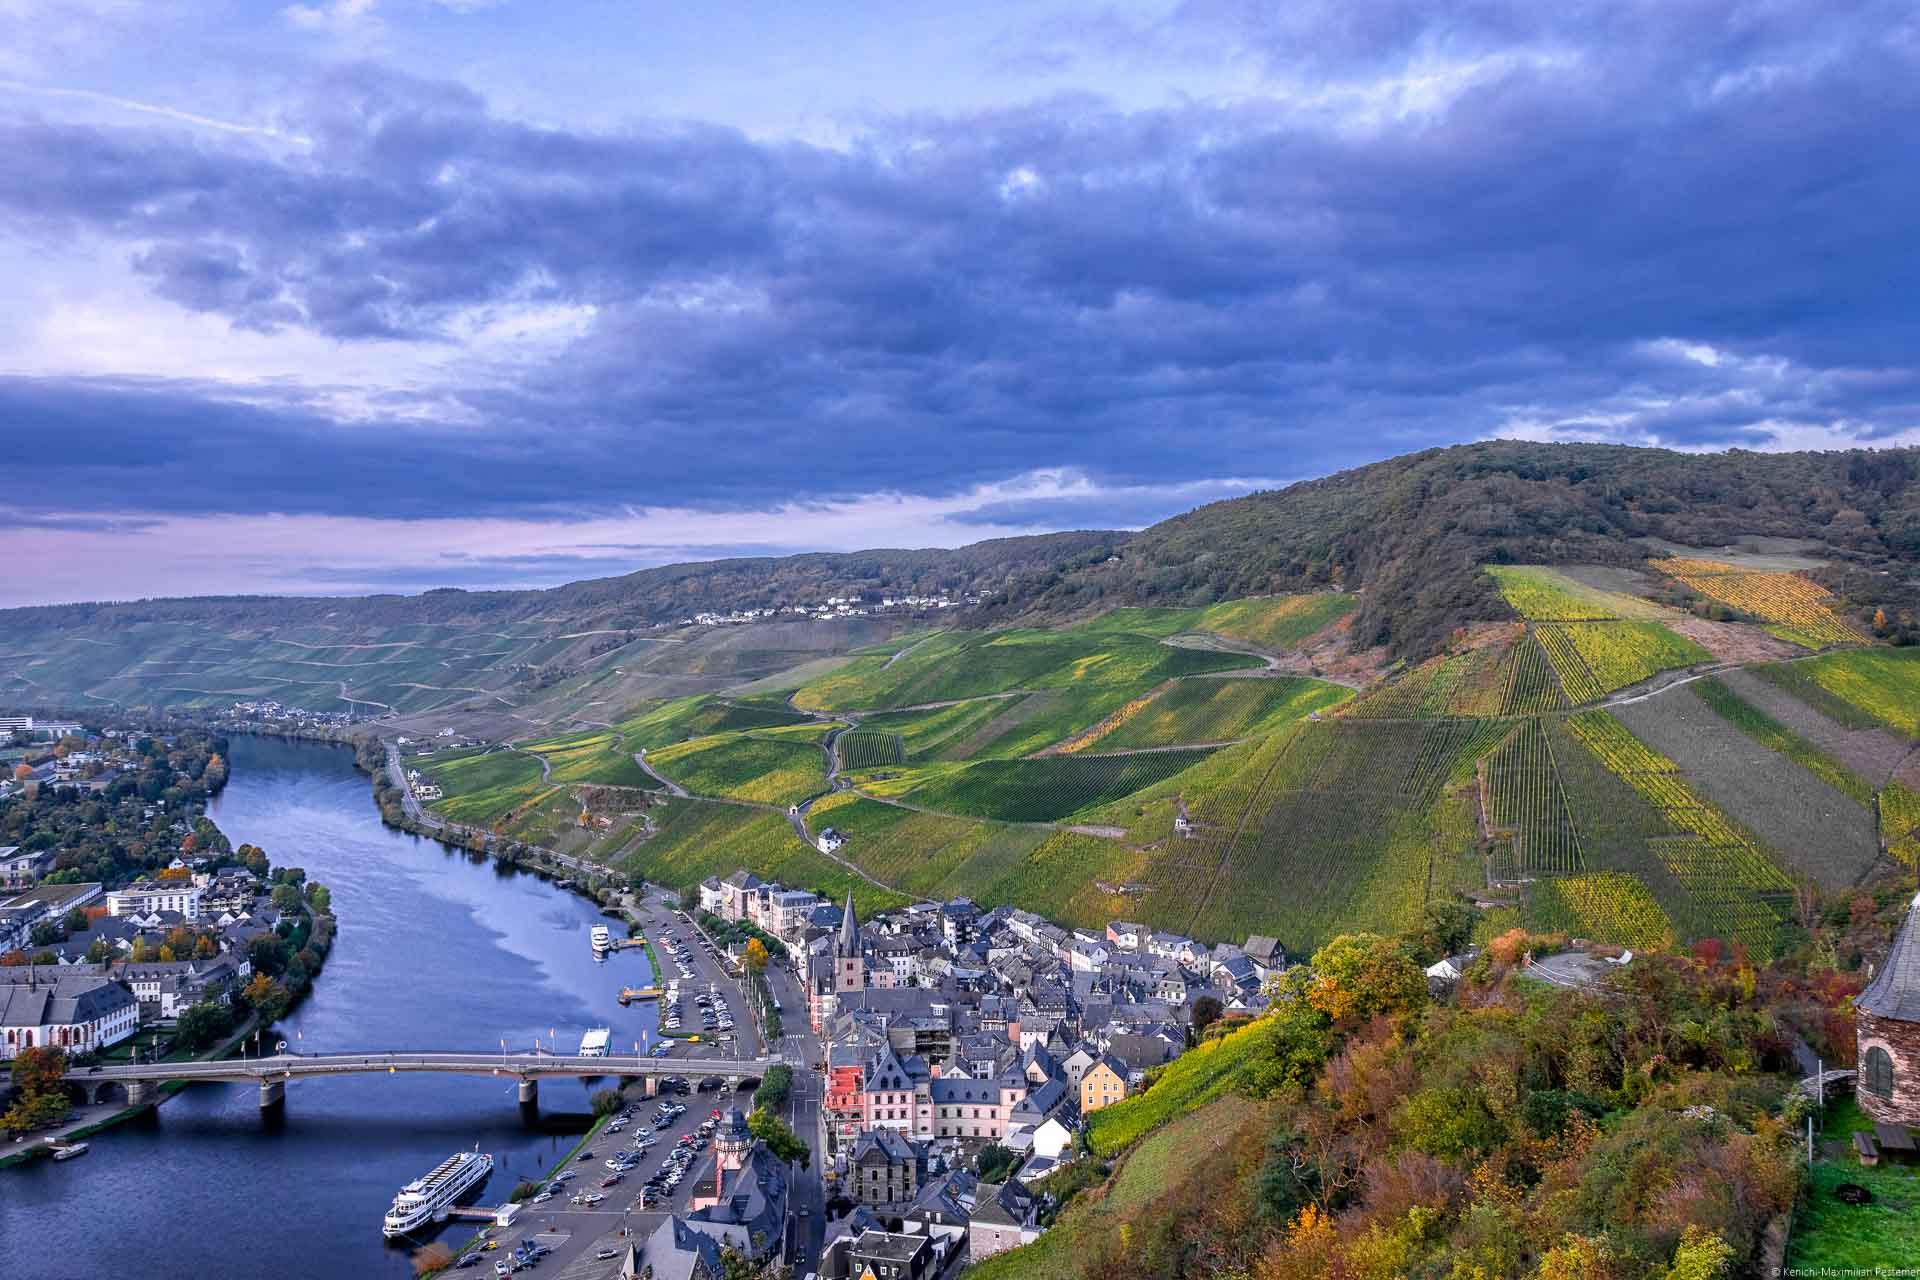 Am Abend blickt man auf den Ort Bernkastel-Kues, die Mosel und die dahinter liegenden Weinberge. Am Himmel sind lila Wolken.